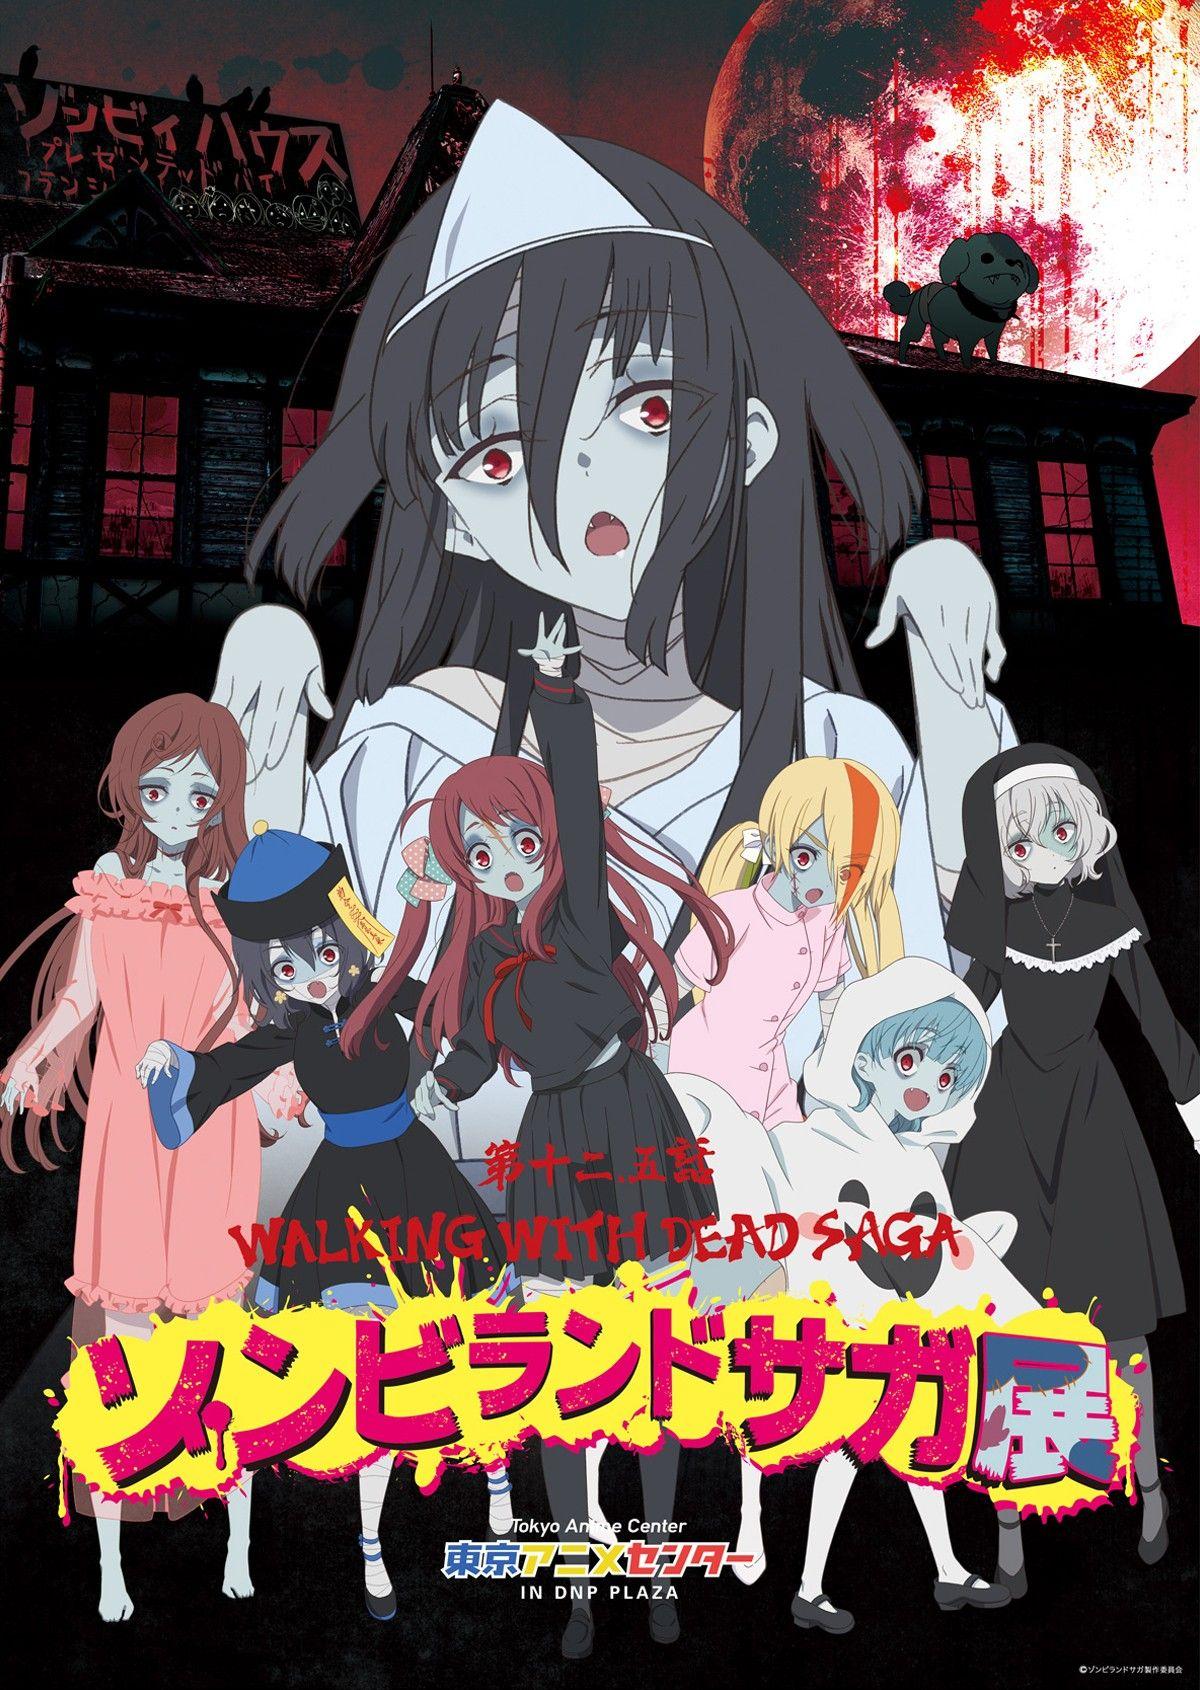 Pin by Miatamann on Zombieland saga  Anime, Zombie land saga